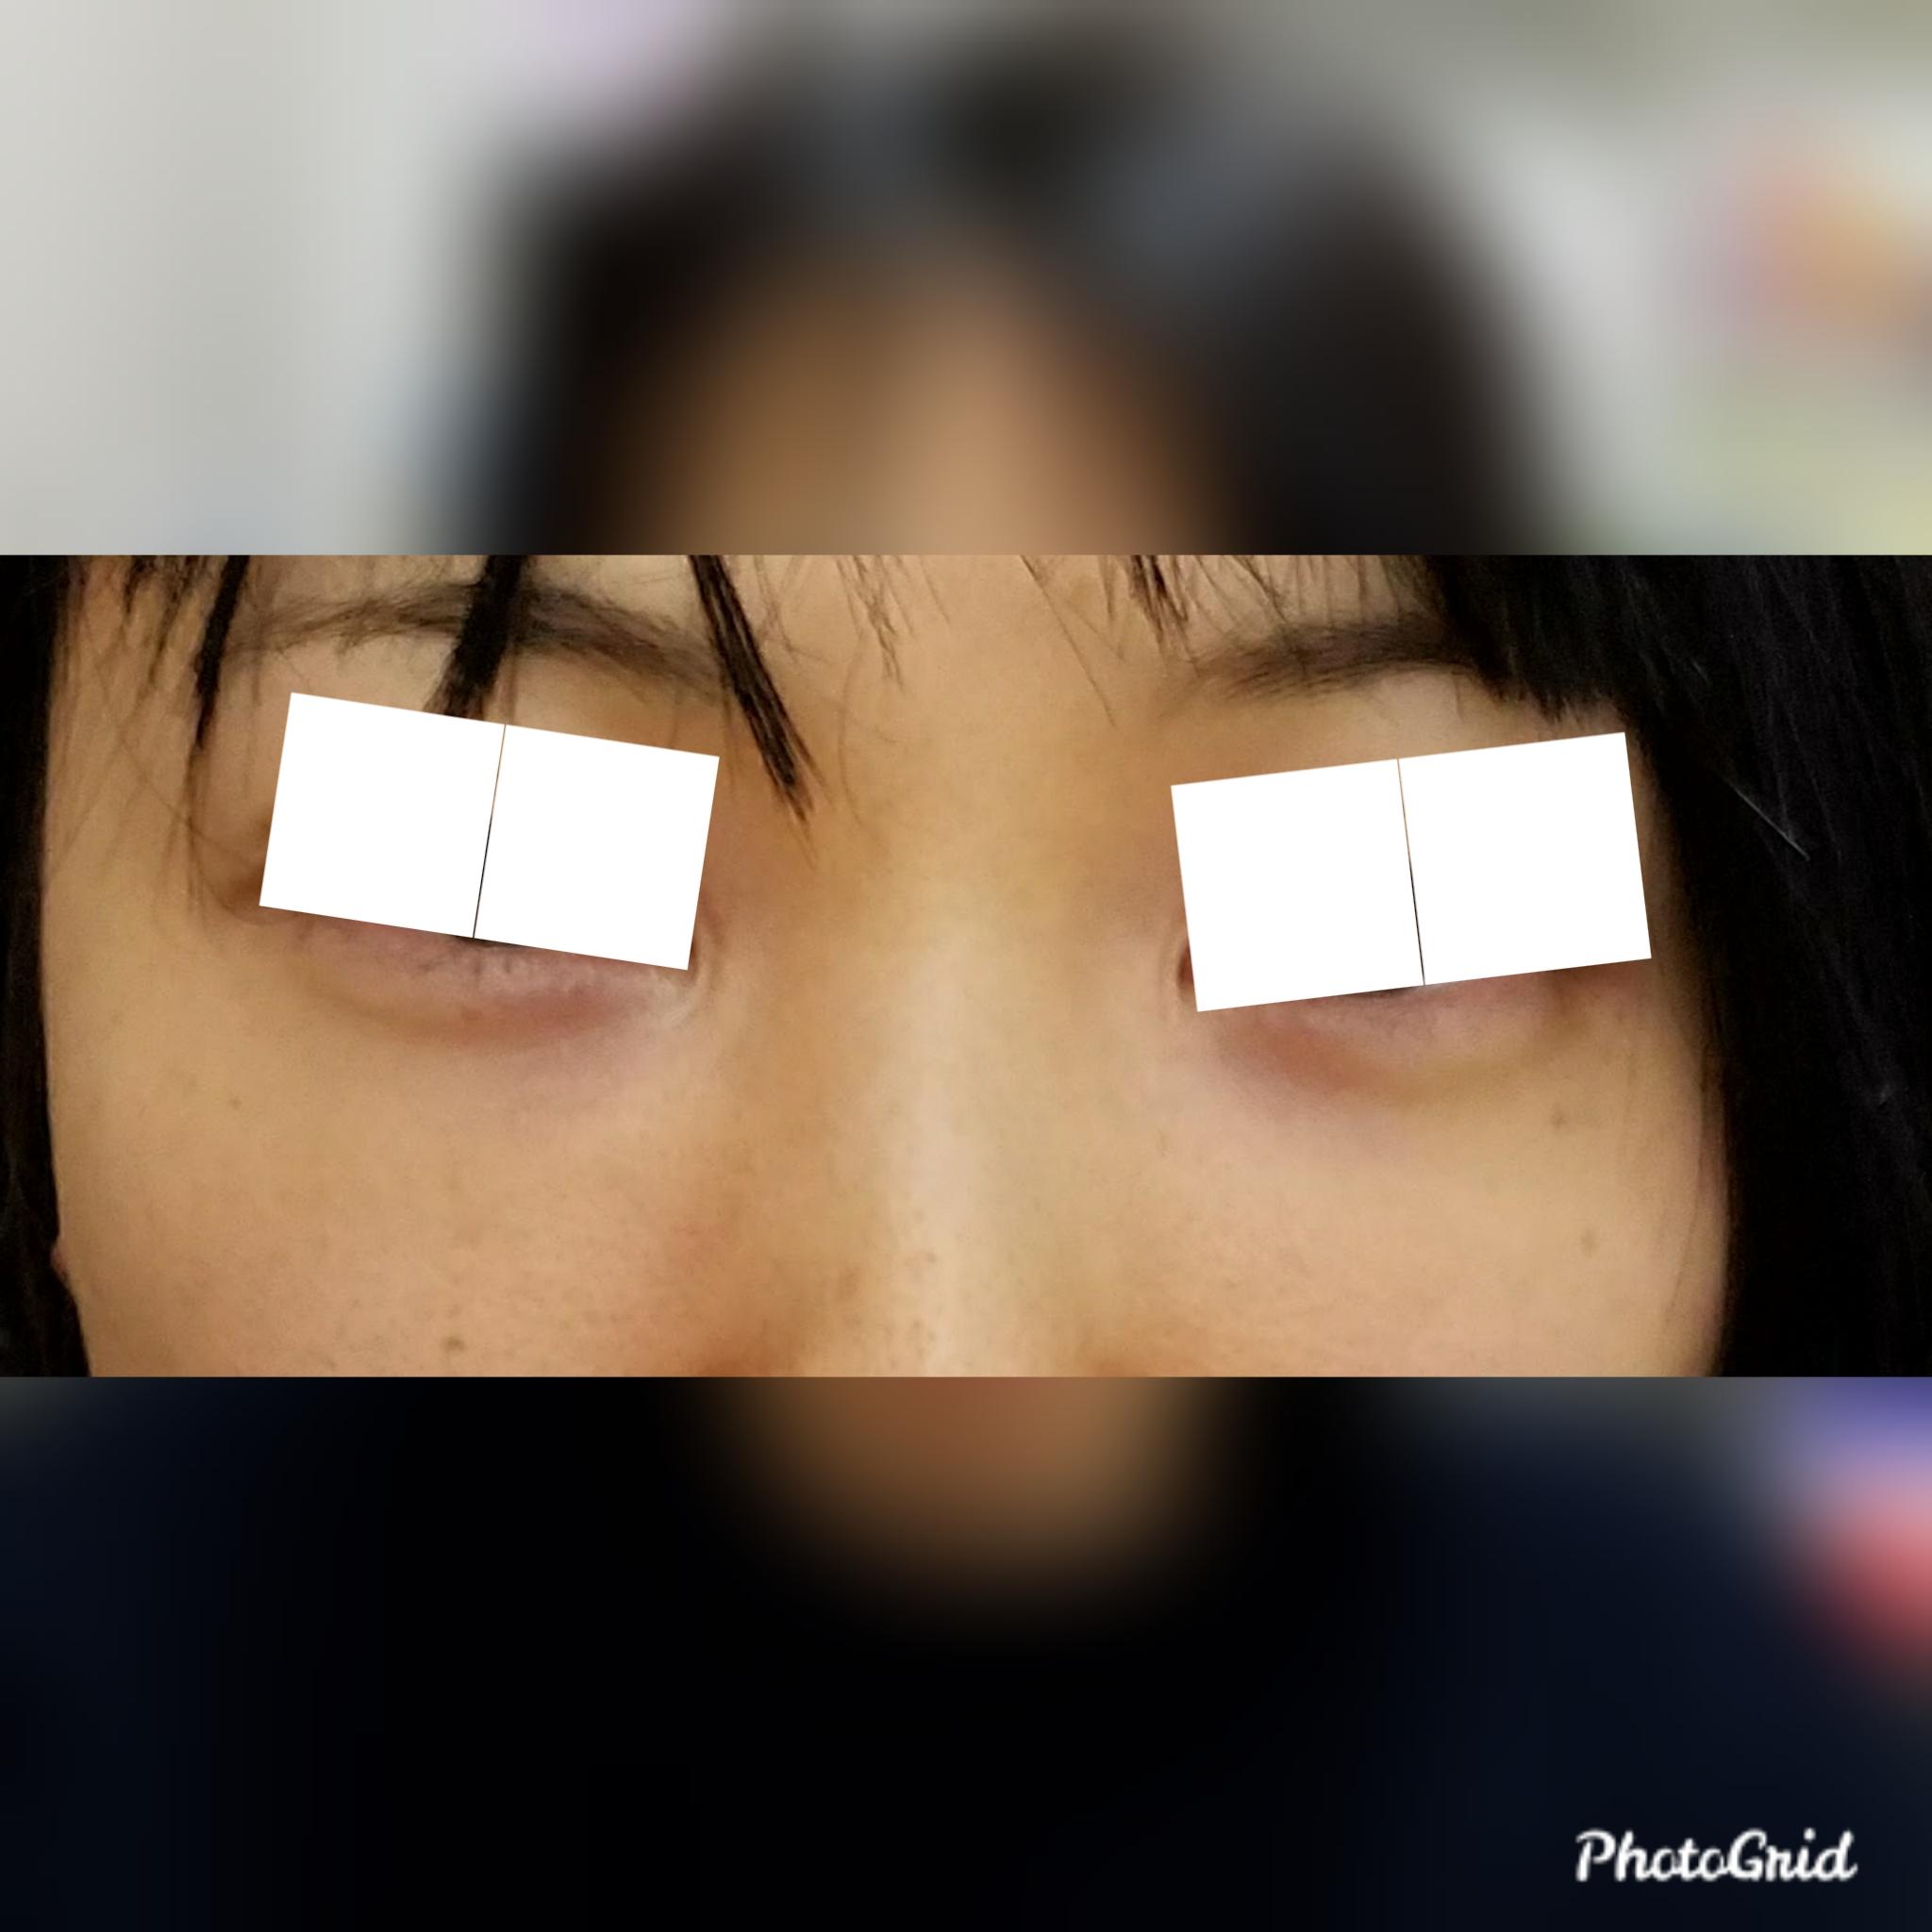 目元の整形、目のクマ治療 (ヒアルロン酸注射) 施術前